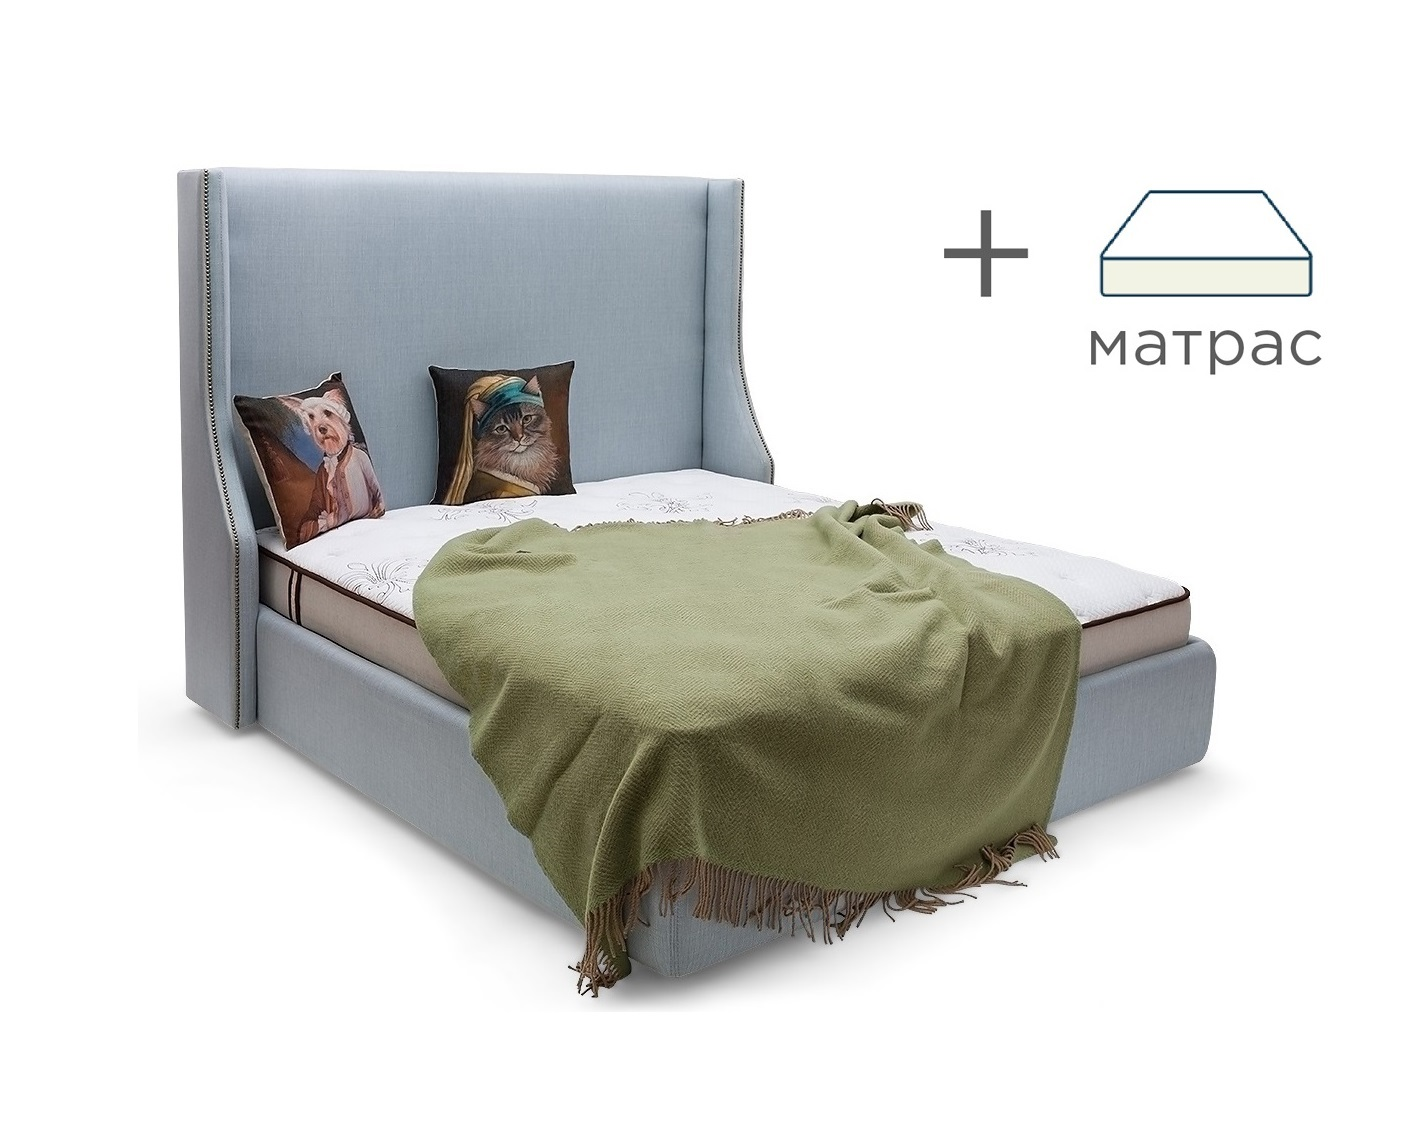 Кровать Aby Lux с матрасомКровати + матрасы<br>&amp;lt;div&amp;gt;Выгодная скидка при покупке комплекта!&amp;lt;/div&amp;gt;&amp;lt;div&amp;gt;Кровать в скандинавском стиле вместе с ортопедическим матрасом &amp;quot;Ascona Terapia Orient&amp;quot;&amp;lt;/div&amp;gt;&amp;lt;div&amp;gt;&amp;lt;br&amp;gt;&amp;lt;/div&amp;gt;&amp;lt;div&amp;gt;Характеристики кровати:&amp;lt;/div&amp;gt;&amp;lt;div&amp;gt;Материалы: бук, текстиль&amp;lt;/div&amp;gt;&amp;lt;div&amp;gt;Варианты исполнения: более 200 цветов высокой категории (включено в стоимость), ткань заказчика&amp;amp;nbsp;&amp;lt;/div&amp;gt;&amp;lt;div&amp;gt;Размеры спального места: 160*200&amp;amp;nbsp;&amp;lt;/div&amp;gt;&amp;lt;div&amp;gt;Гарантия от производителя&amp;lt;/div&amp;gt;&amp;lt;div&amp;gt;&amp;lt;br&amp;gt;&amp;lt;/div&amp;gt;&amp;lt;div&amp;gt;Характеристики матраса:&amp;lt;/div&amp;gt;&amp;lt;div&amp;gt;Прослойки из кокосовой койры;&amp;lt;/div&amp;gt;&amp;lt;div&amp;gt;Слои ортопедической пены Orto Foam с эффектом «памяти формы»;&amp;lt;/div&amp;gt;&amp;lt;div&amp;gt;По периметру матраса искусственный латекс;&amp;lt;/div&amp;gt;&amp;lt;div&amp;gt;Чехол с антибактериальной пропиткой и ионами серебра;&amp;lt;/div&amp;gt;&amp;lt;div&amp;gt;Пружинный блок: блок независимых пружин;&amp;lt;/div&amp;gt;&amp;lt;div&amp;gt;Жесткость: средняя;&amp;lt;/div&amp;gt;&amp;lt;div&amp;gt;Максимальная нагрузка: до 140 кг;&amp;lt;/div&amp;gt;&amp;lt;div&amp;gt;Высота: 25 см;&amp;lt;/div&amp;gt;&amp;lt;div&amp;gt;Зима/Лето: да.&amp;lt;/div&amp;gt;&amp;lt;div&amp;gt;Размеры матраса: 200х160.&amp;lt;/div&amp;gt;&amp;lt;div&amp;gt;&amp;lt;br&amp;gt;&amp;lt;/div&amp;gt;<br><br>Material: Текстиль<br>Ширина см: 170<br>Высота см: 130<br>Глубина см: 210